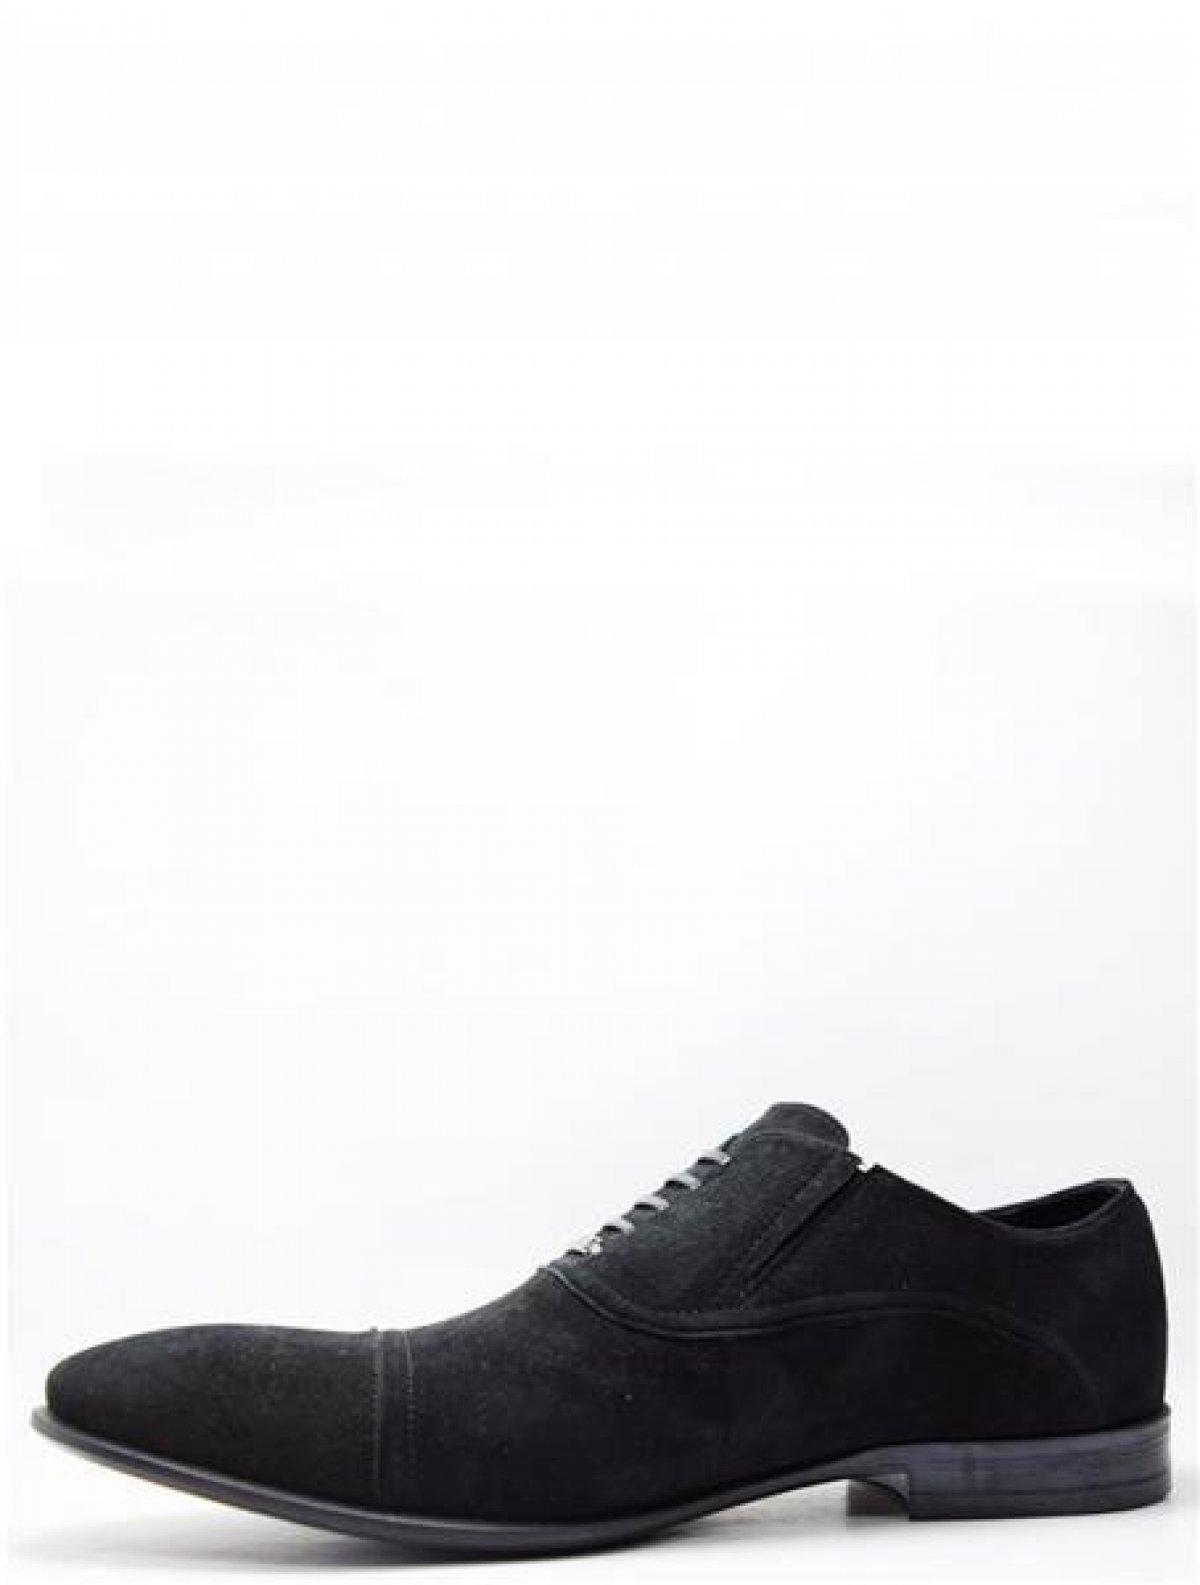 Respect S83-091849 мужские туфли